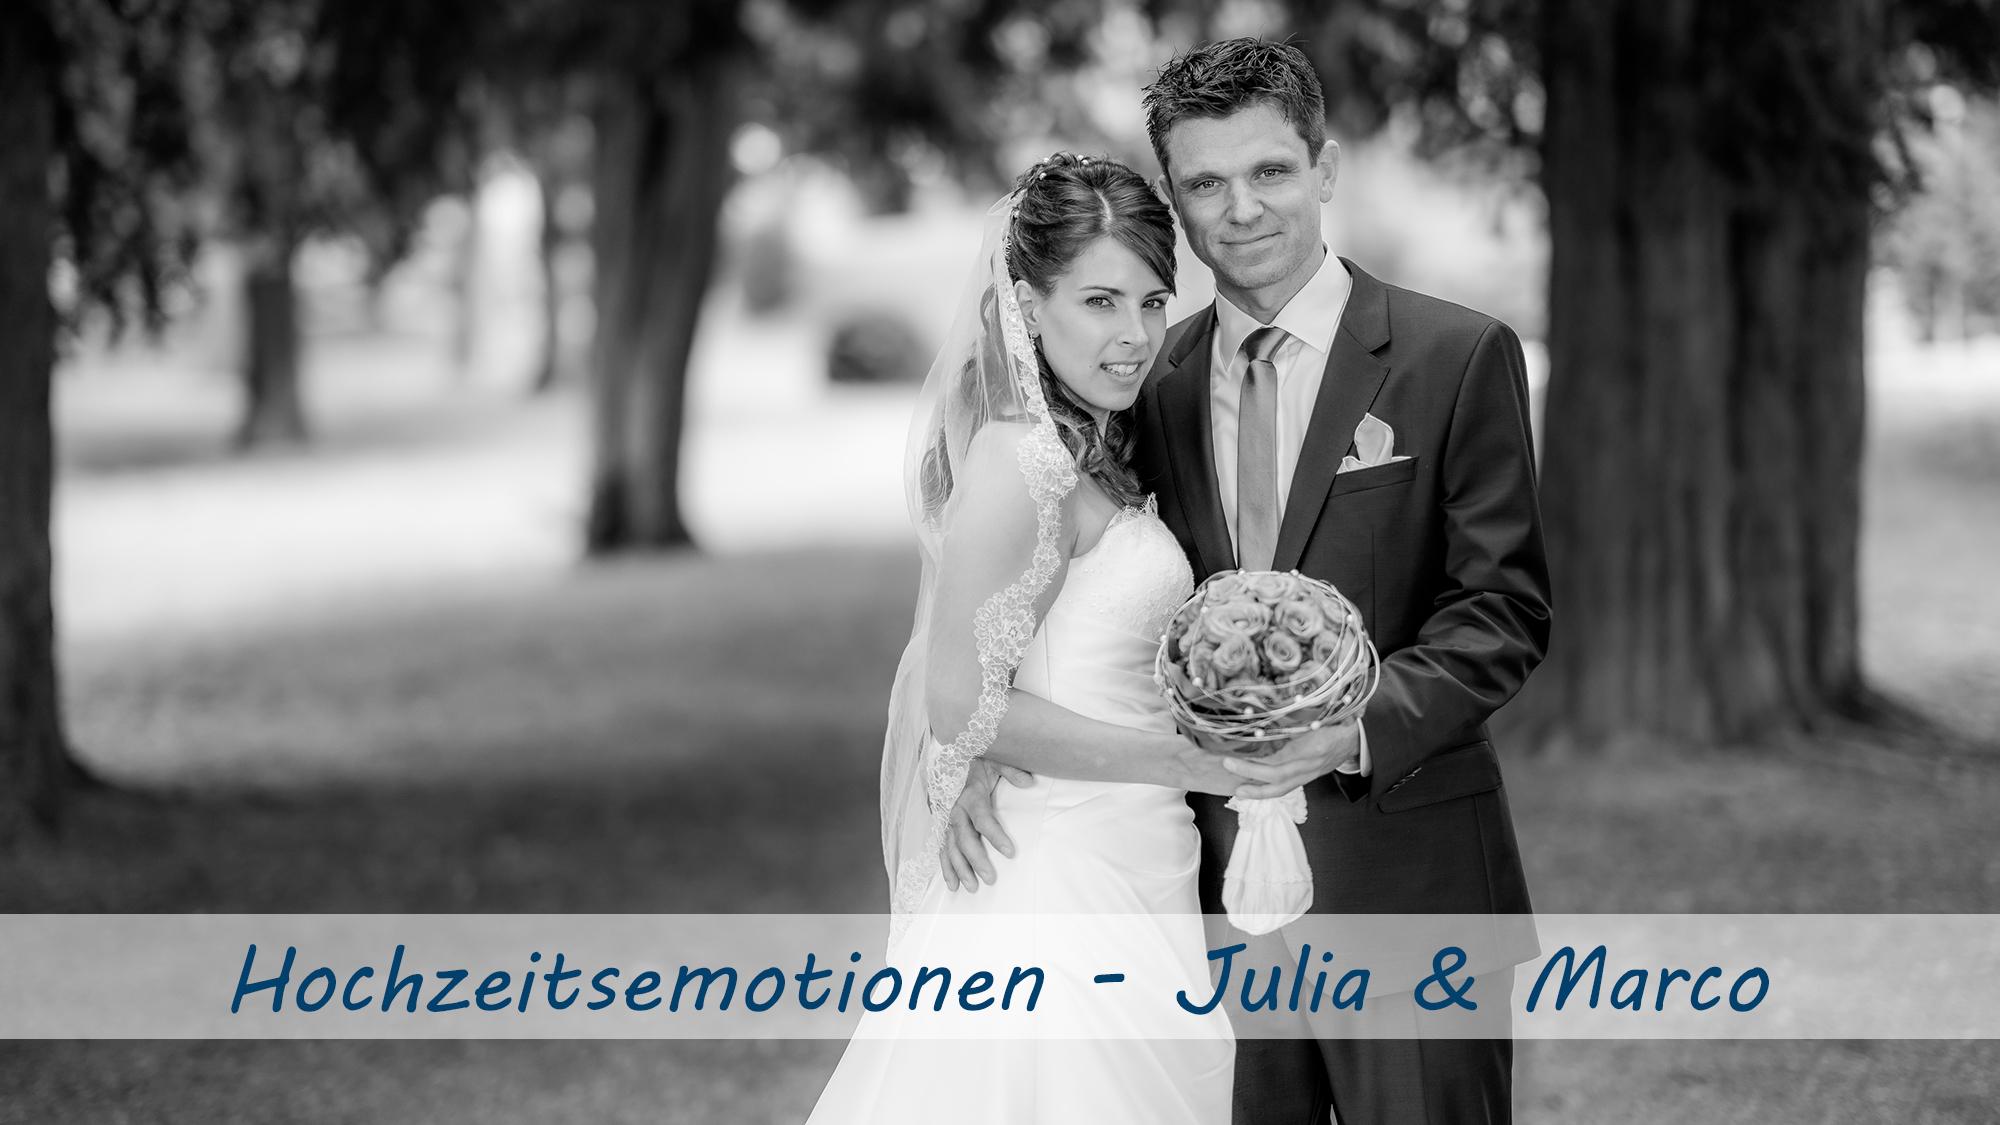 Kann man sich als Hochzeitsfotograf in ein Brautpaar verlieben? Kann man! Hochzeitsemotionen von Julia & Marco